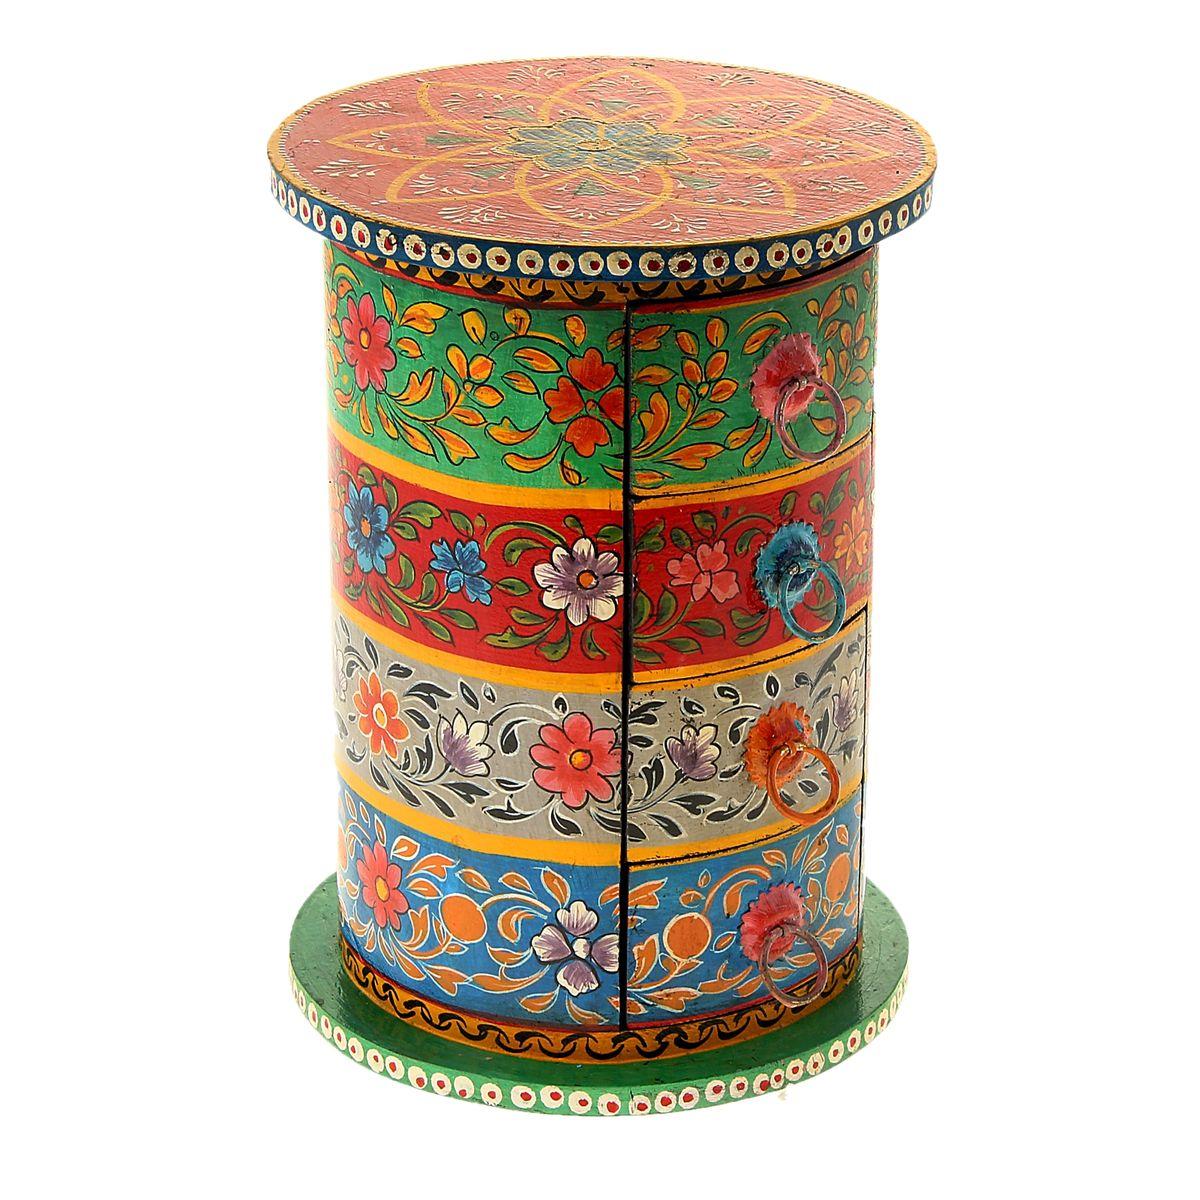 Шкатулка Sima-land Цветочные круги, 19,5 см х 19,5 см х 27 смFS-91909Шкатулка Sima-land Цветочные круги, изготовленная из МДФ, оформлена рисунками цветов. Изделие имеет 4 выдвижных ящичка.Едва бросив взгляд на такую эффектную шкатулку, женщина наверняка уже будет знать, что в нее можно положить любимые украшения, которые хочется бережно хранить, или, к примеру, бисер и бусины, из которых она любит мастерить настоящие миниатюрные шедевры. Шкатулка с ящиками Sima-land Цветочные круги станет удобным местом для хранения мелочей и настоящей изюминкой интерьера, привносящей в него колорит далеких и манящих стран.Размер ящичка: 14 см х 9,5 см х 5,5 см.